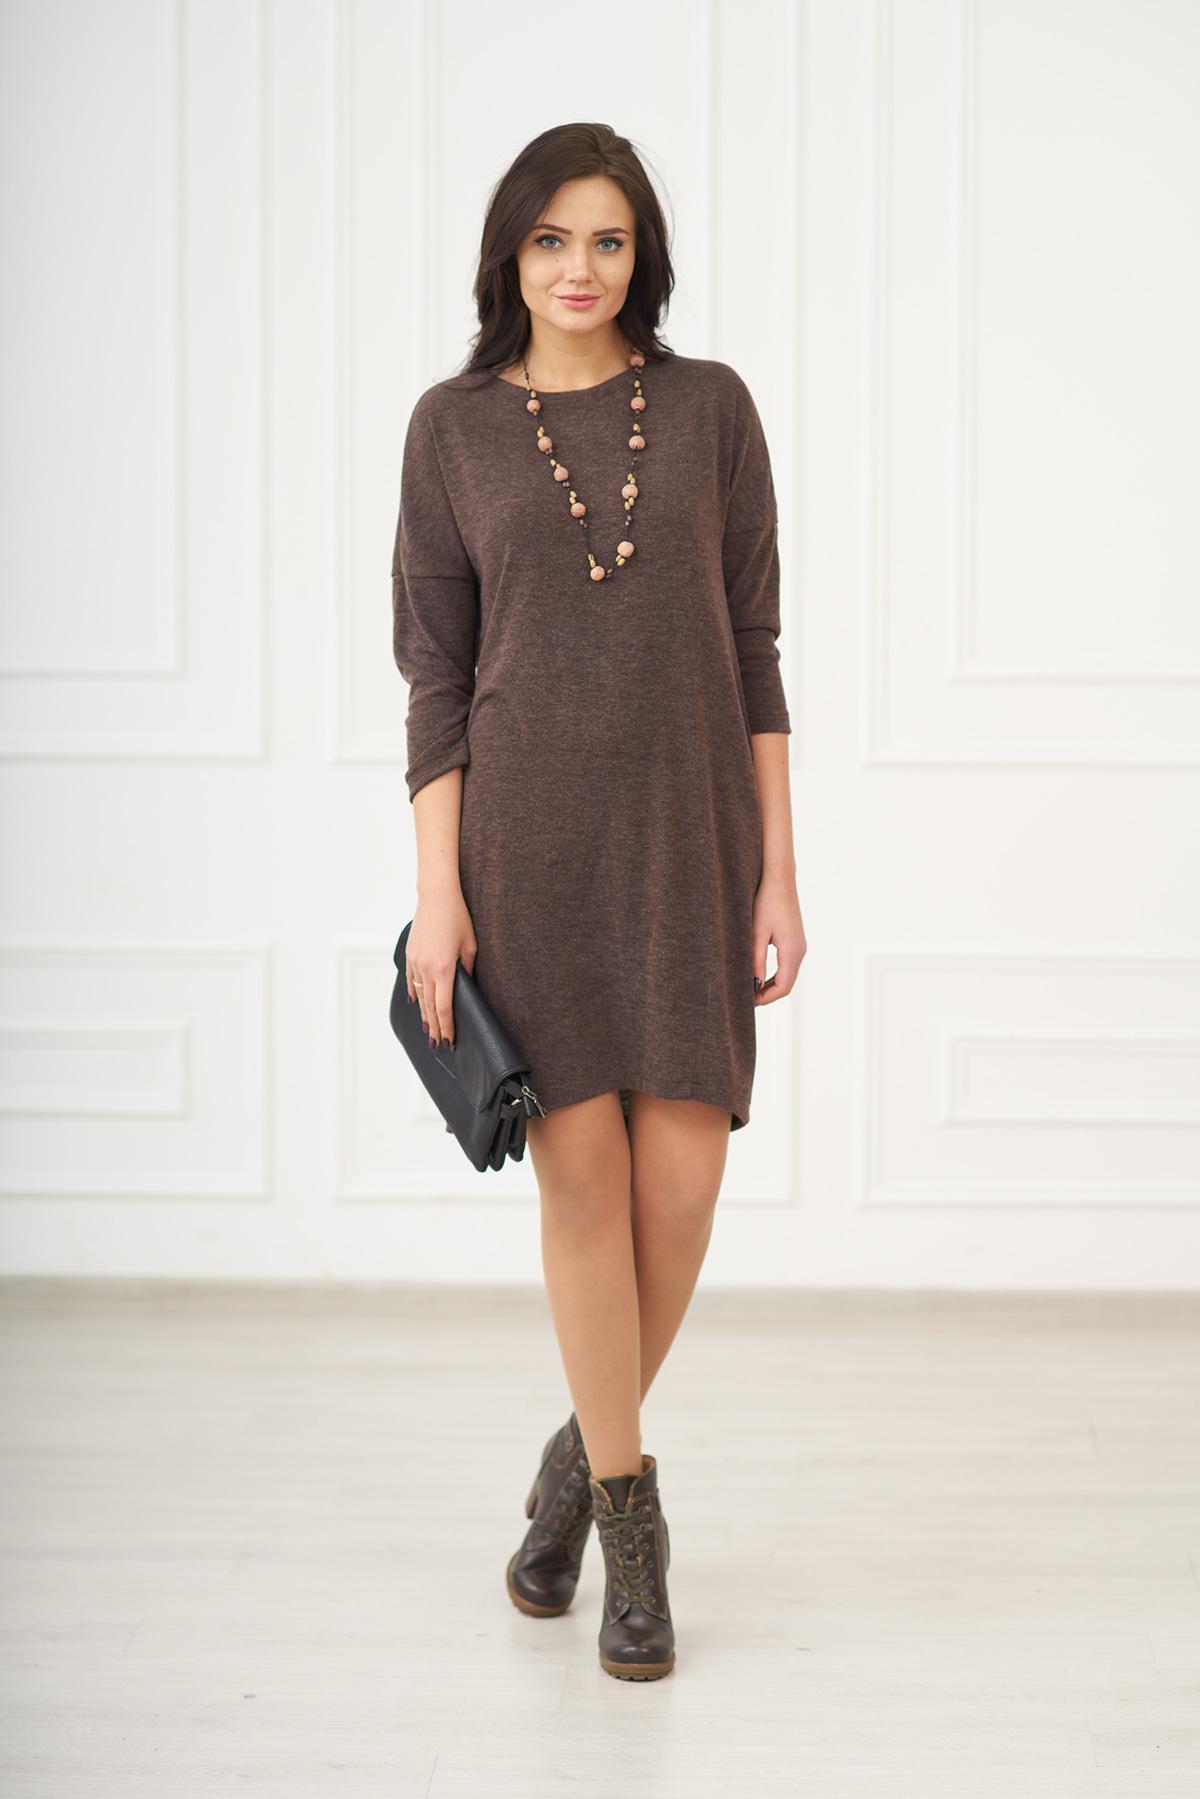 Жен. платье арт. 19-0075 Шоколадный р. 50Платья<br>Факт. ОГ: 102 см <br>Факт. ОТ: 102 см <br>Факт. ОБ: 106 см <br>Длина по спинке: 98 см<br><br>Тип: Жен. платье<br>Размер: 50<br>Материал: Ангора